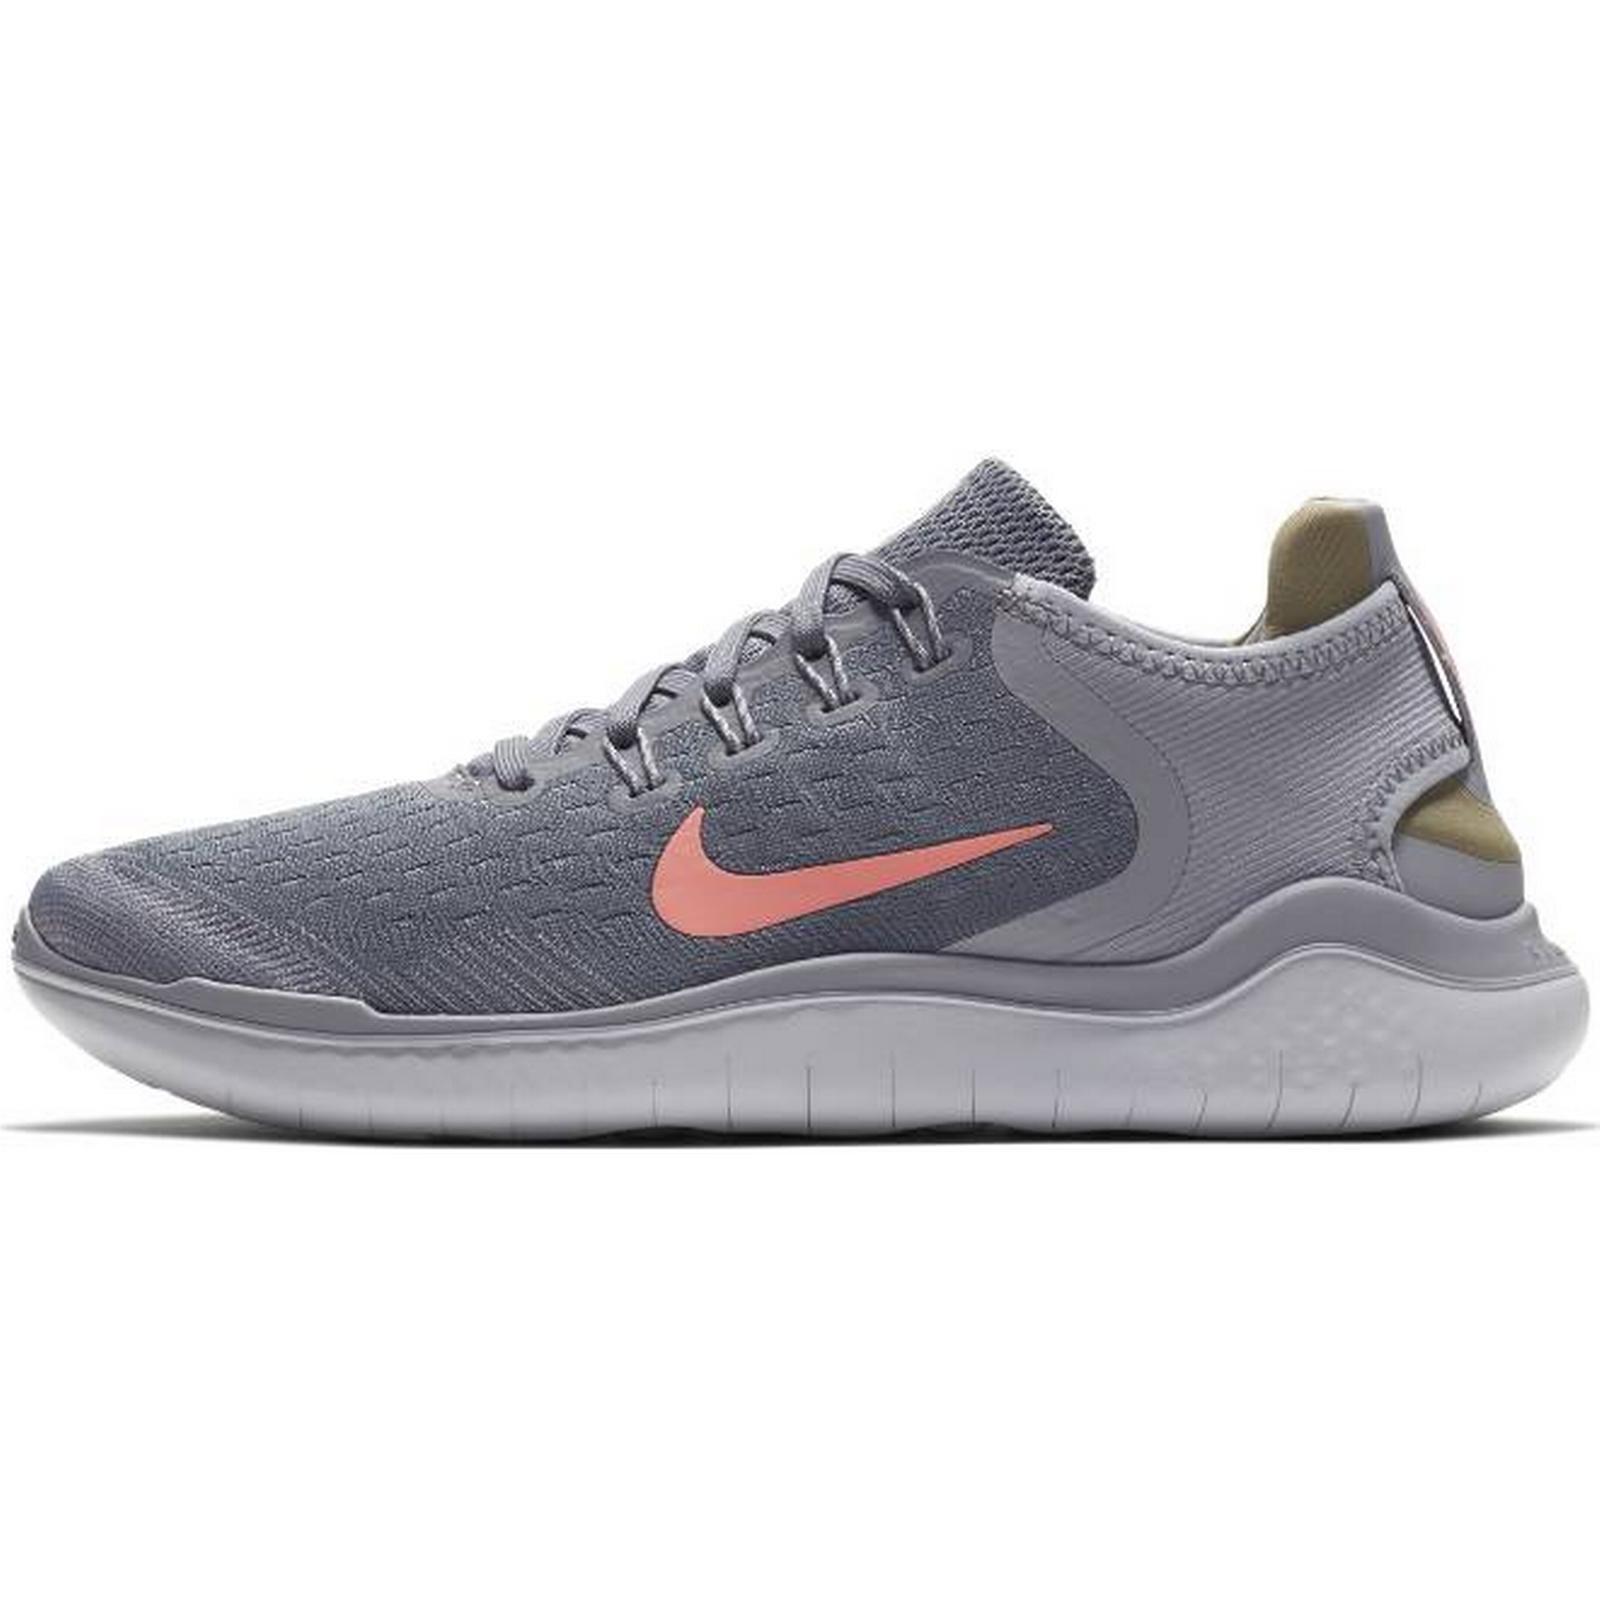 NIKE Damskie Free Buty Do Biegania Nike Free Damskie RN 2018 a838de